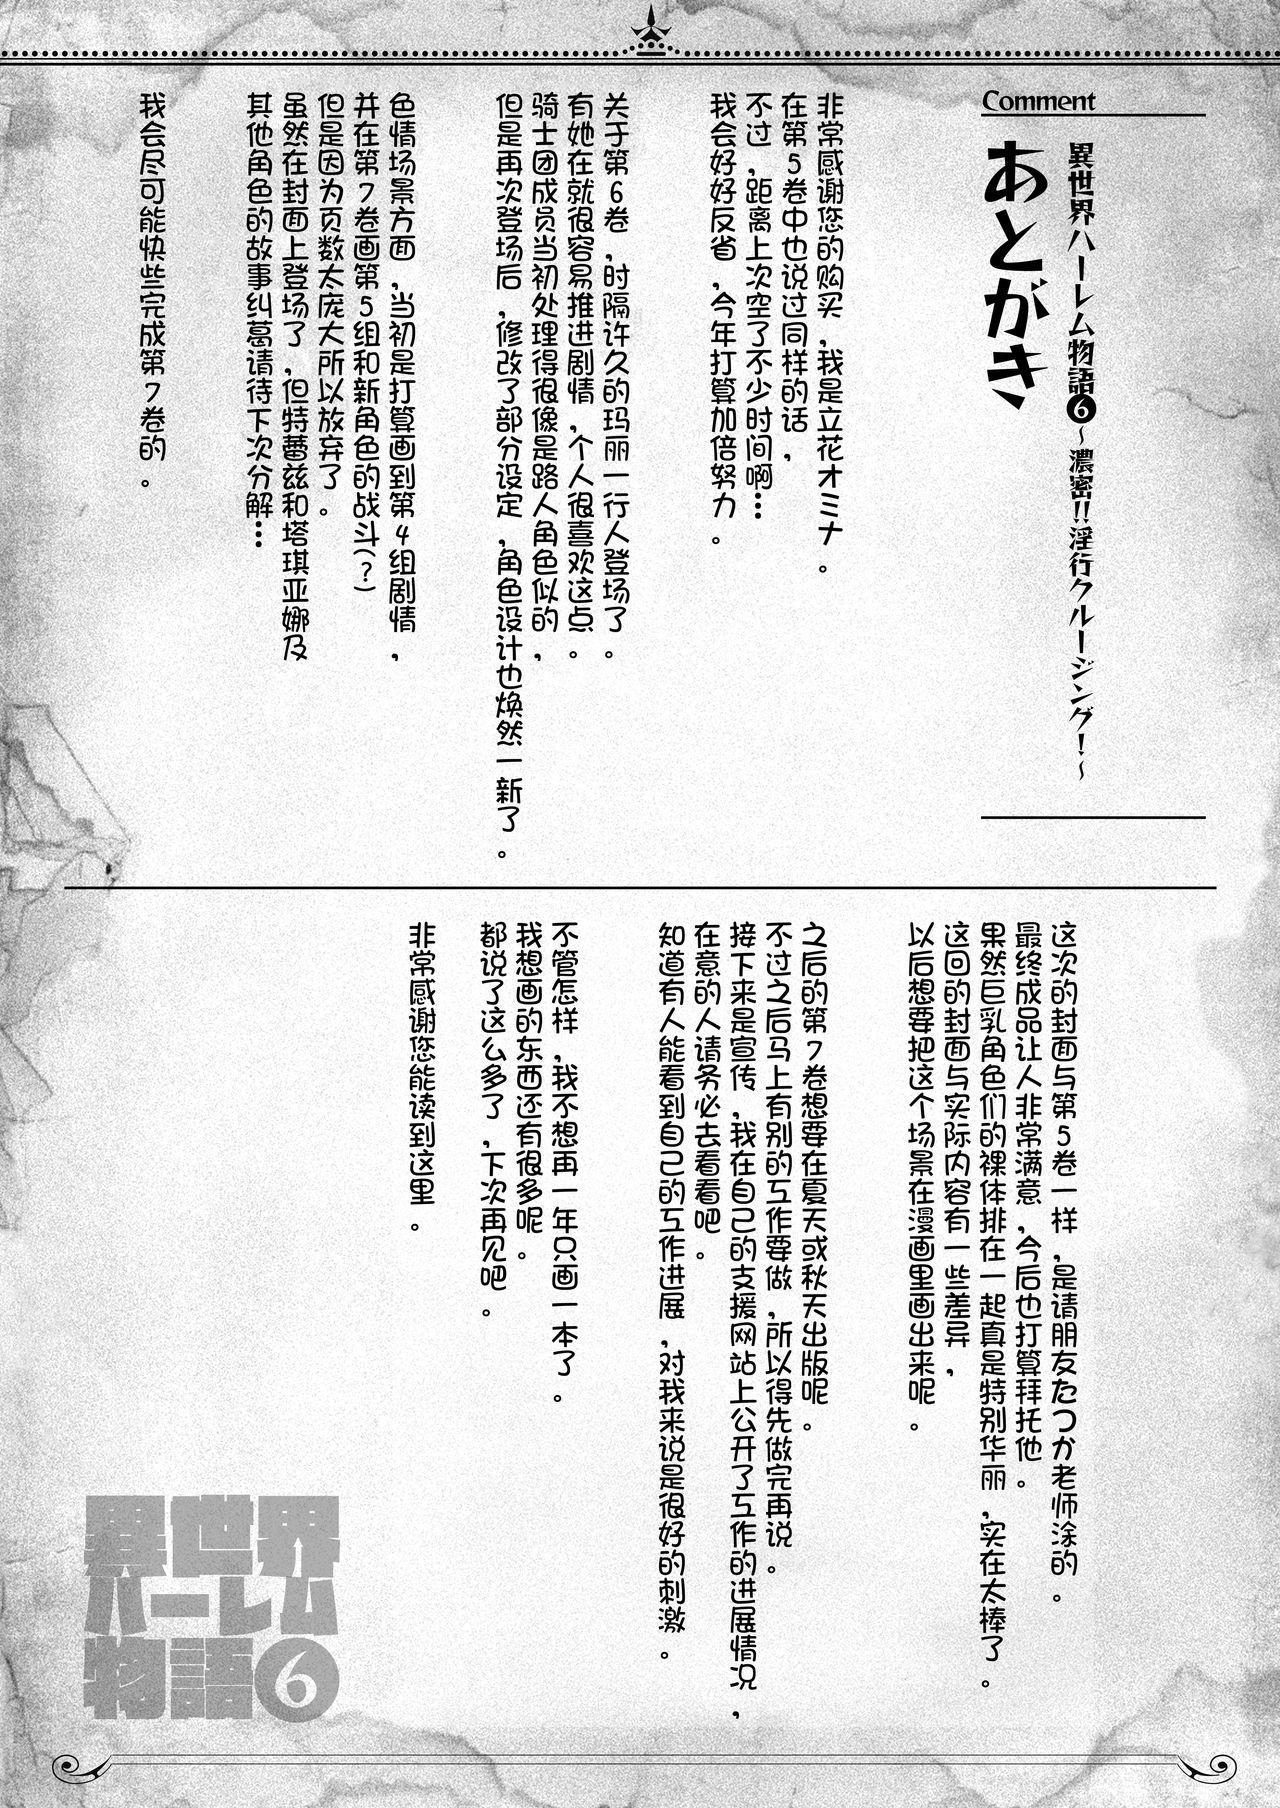 Isekai Harem Monogatari 6 59